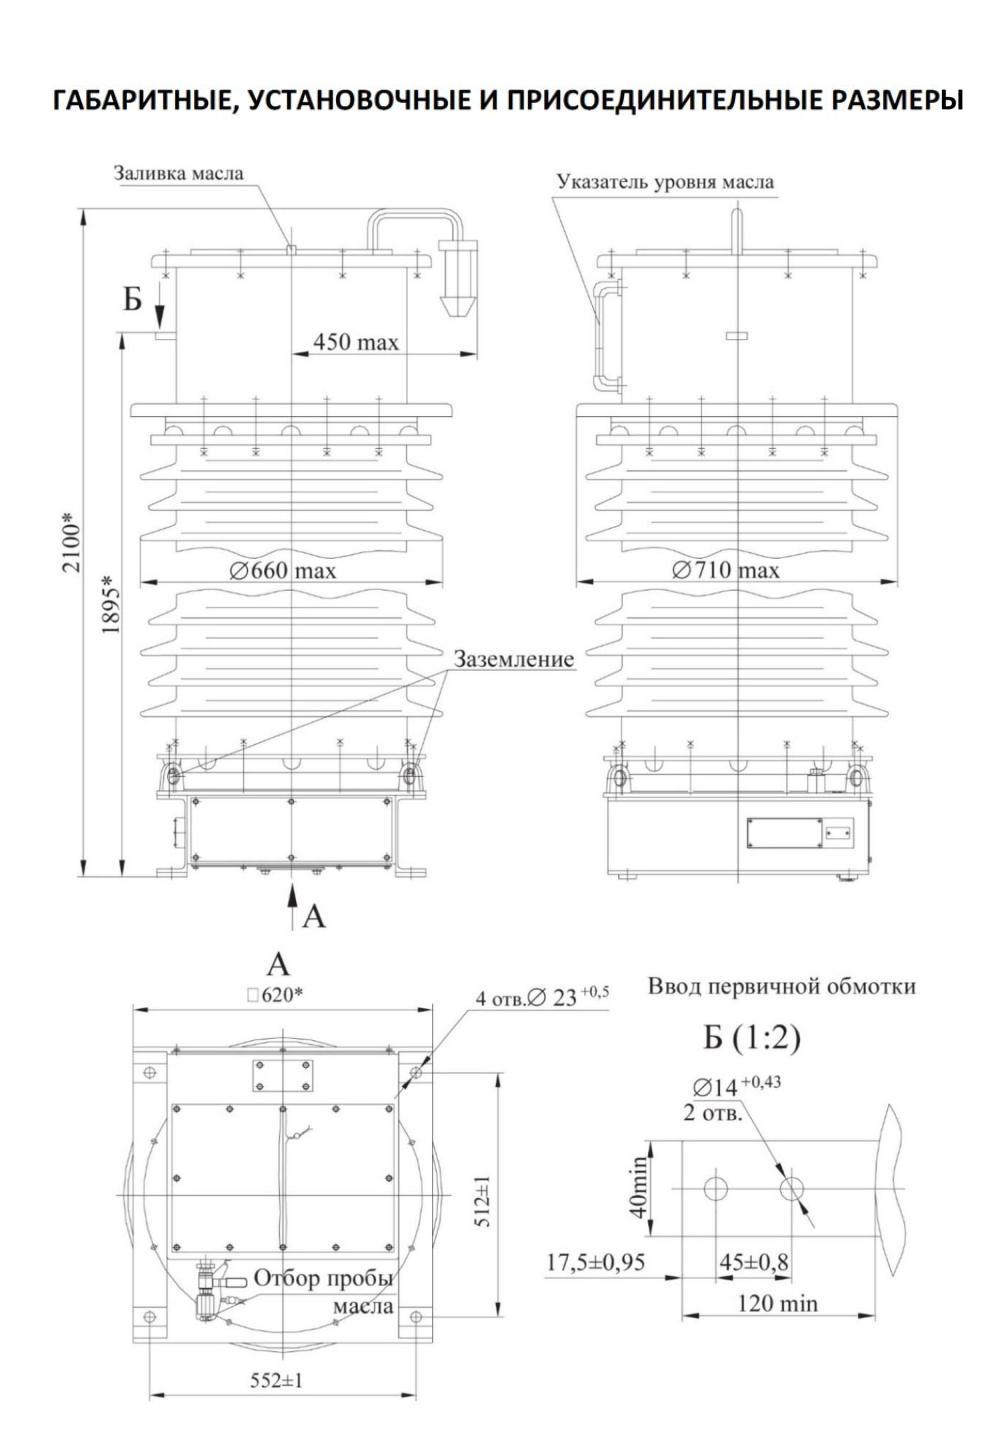 НКФ – 123 II У1‐И, НКФ – 123 II ХЛ1‐И____1